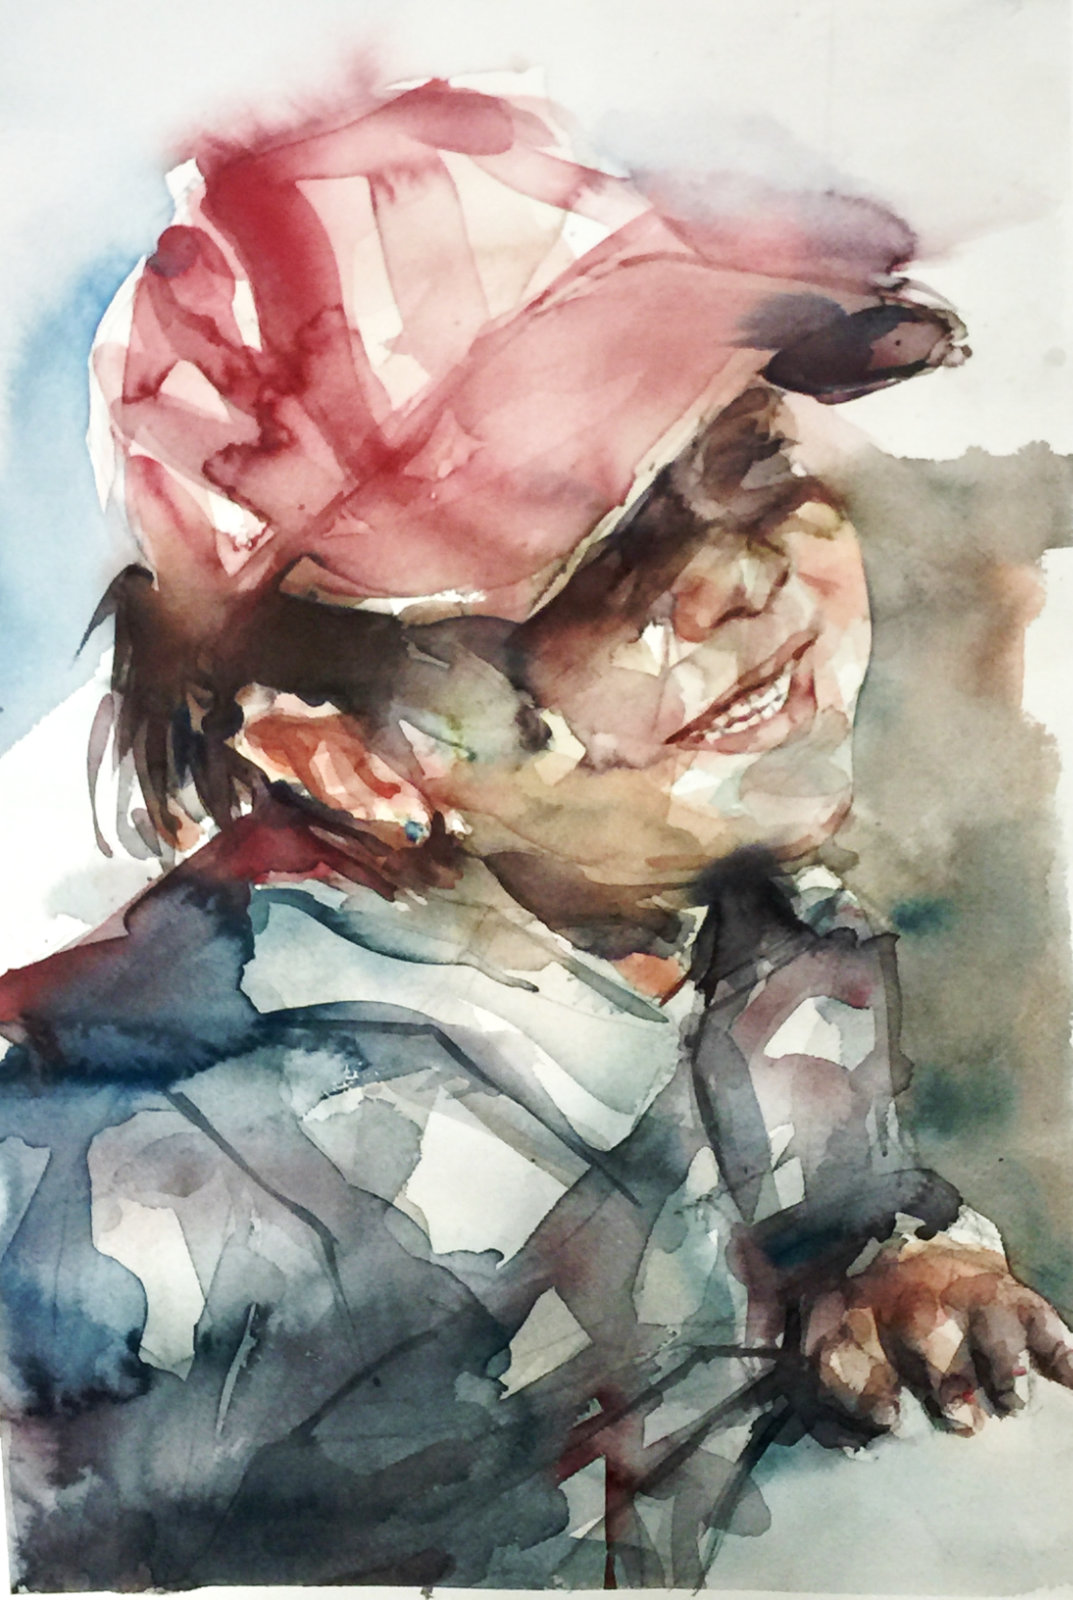 Acuarela de un niño con una gorra roja sonriendo